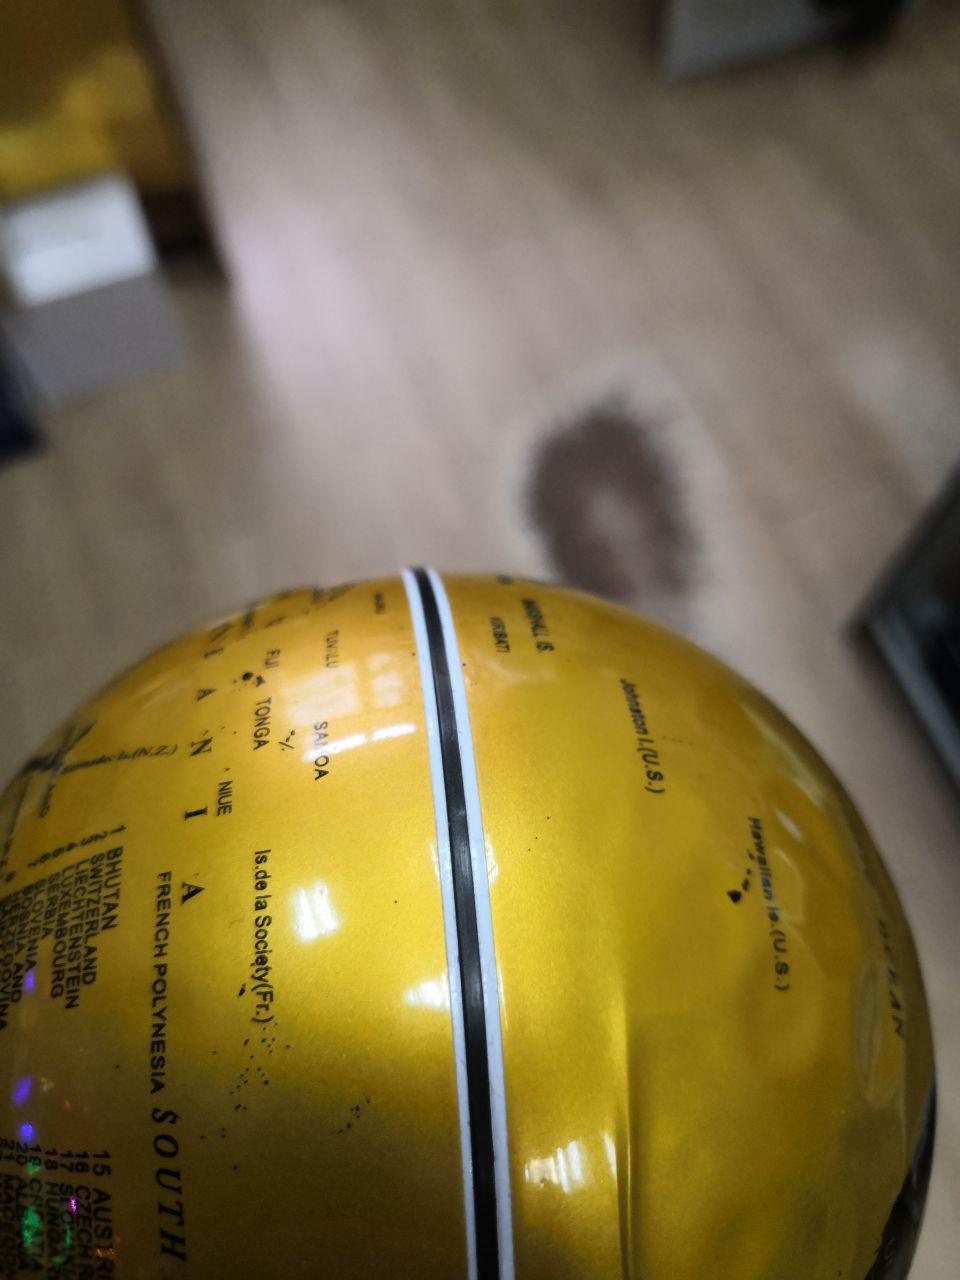 УЦЕНЕННЫЙ ТОВАР! Левитирующий глобус в круглой рамке (D-10см) золотой